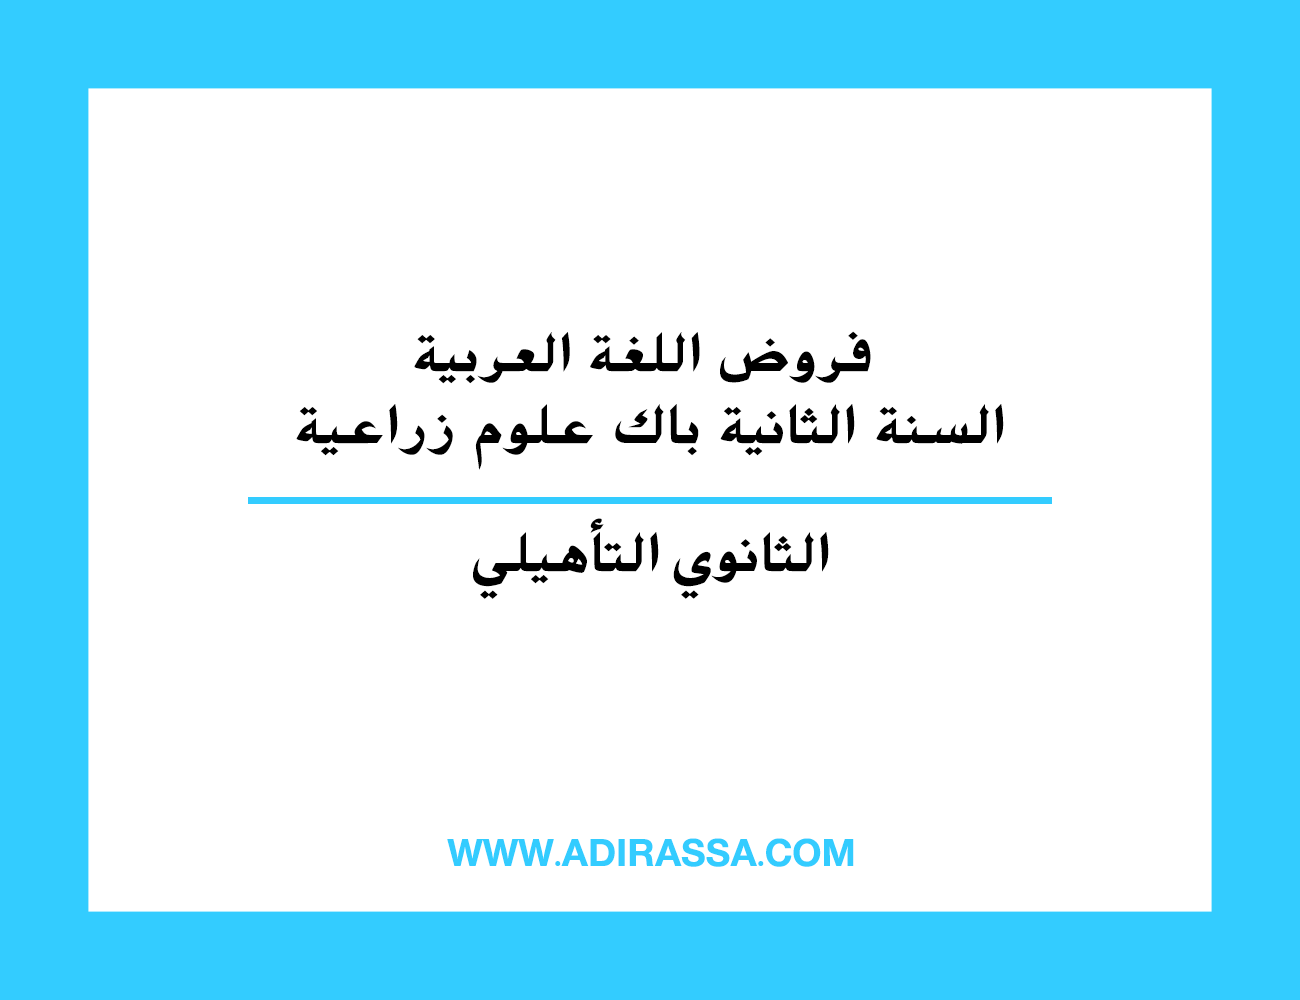 فروض اللغة العربية السنة الثانية باك علوم زراعية بالثانوي التأهيلي